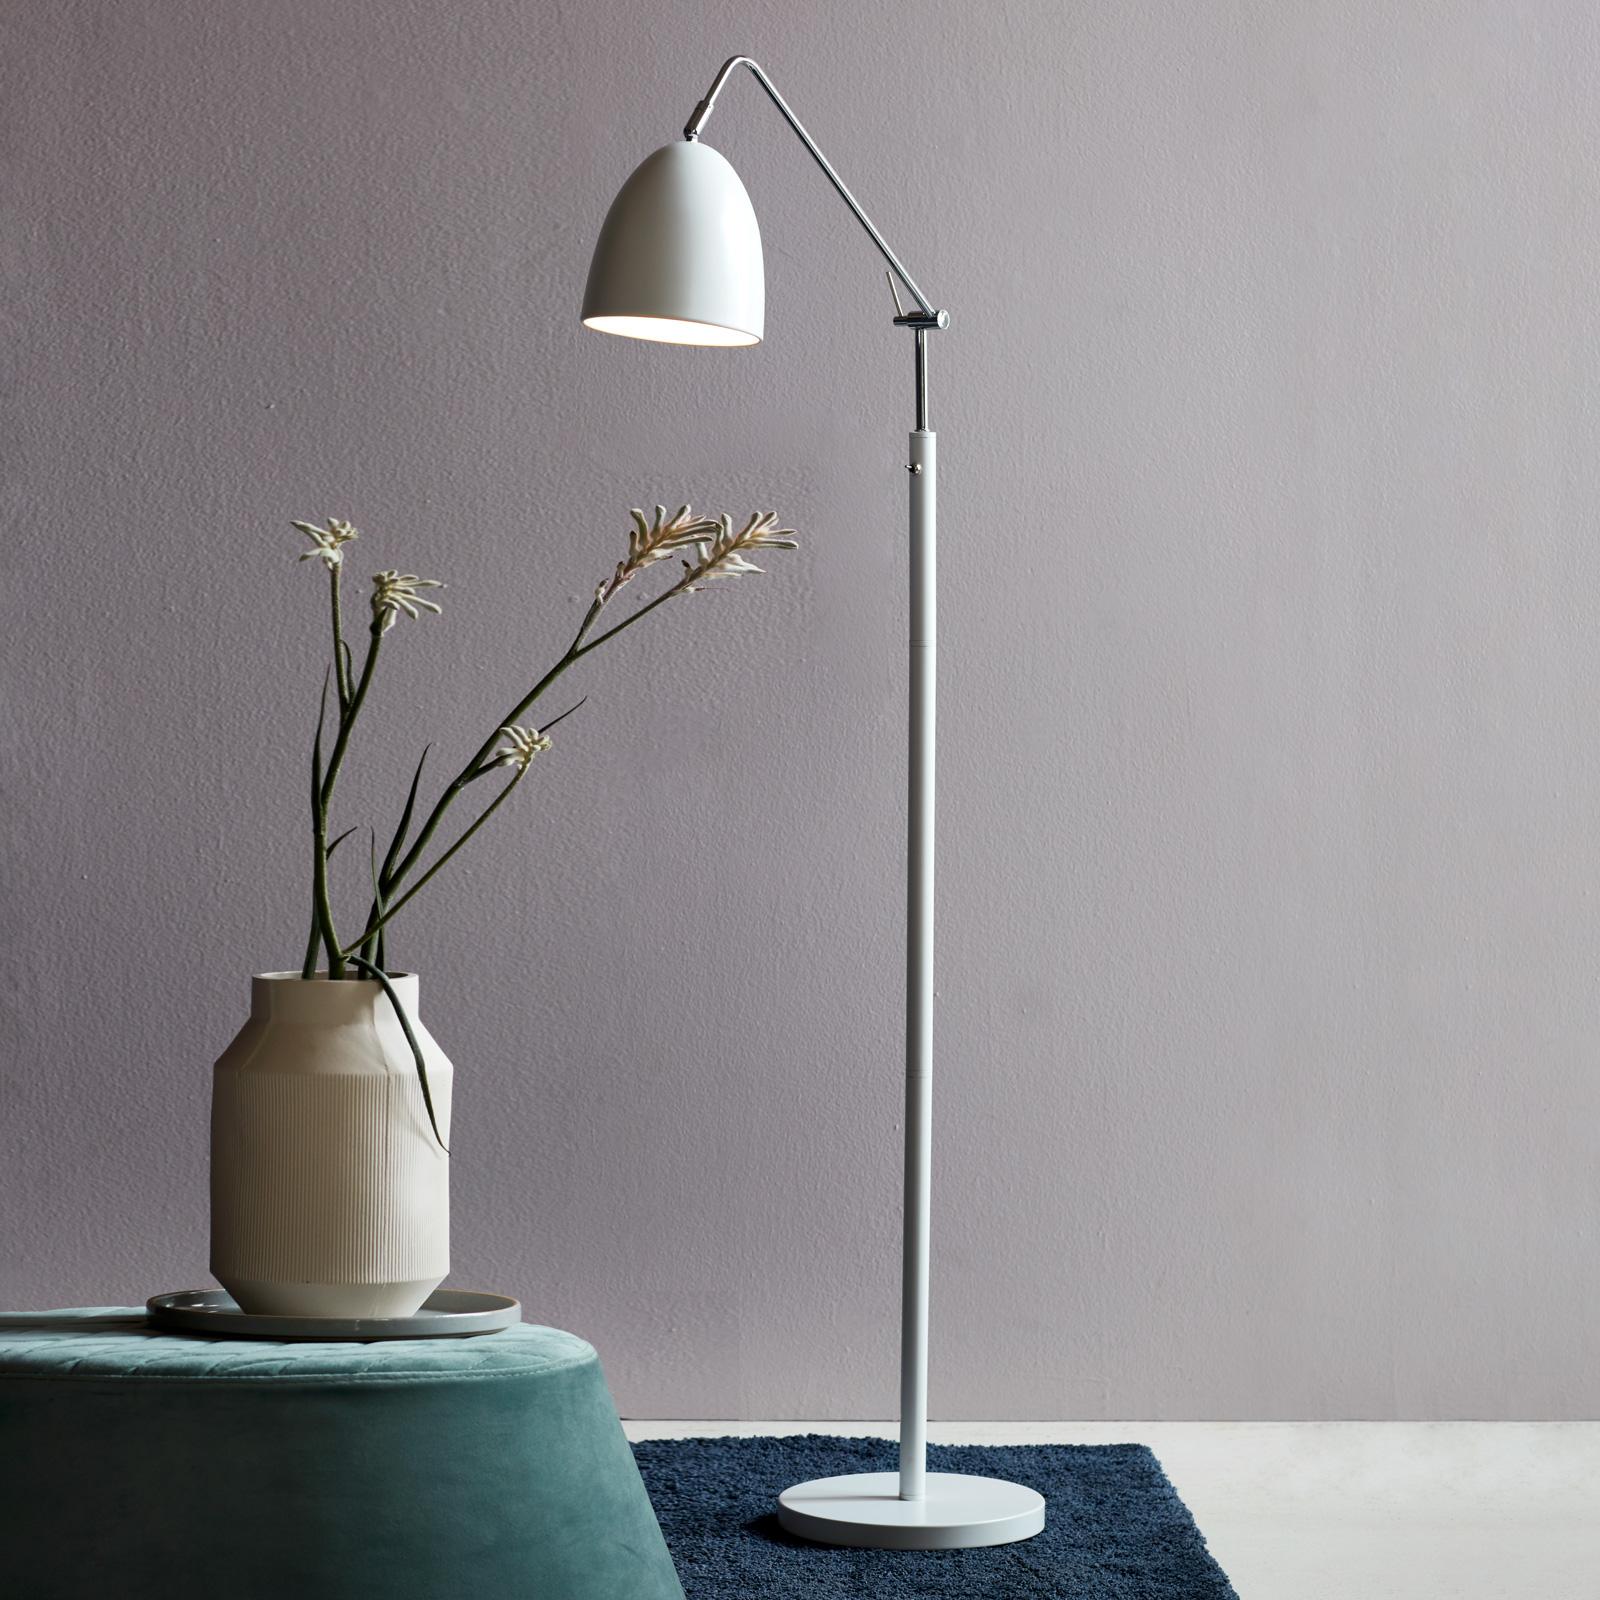 Lampa stojąca Alexander filigranowa, biała